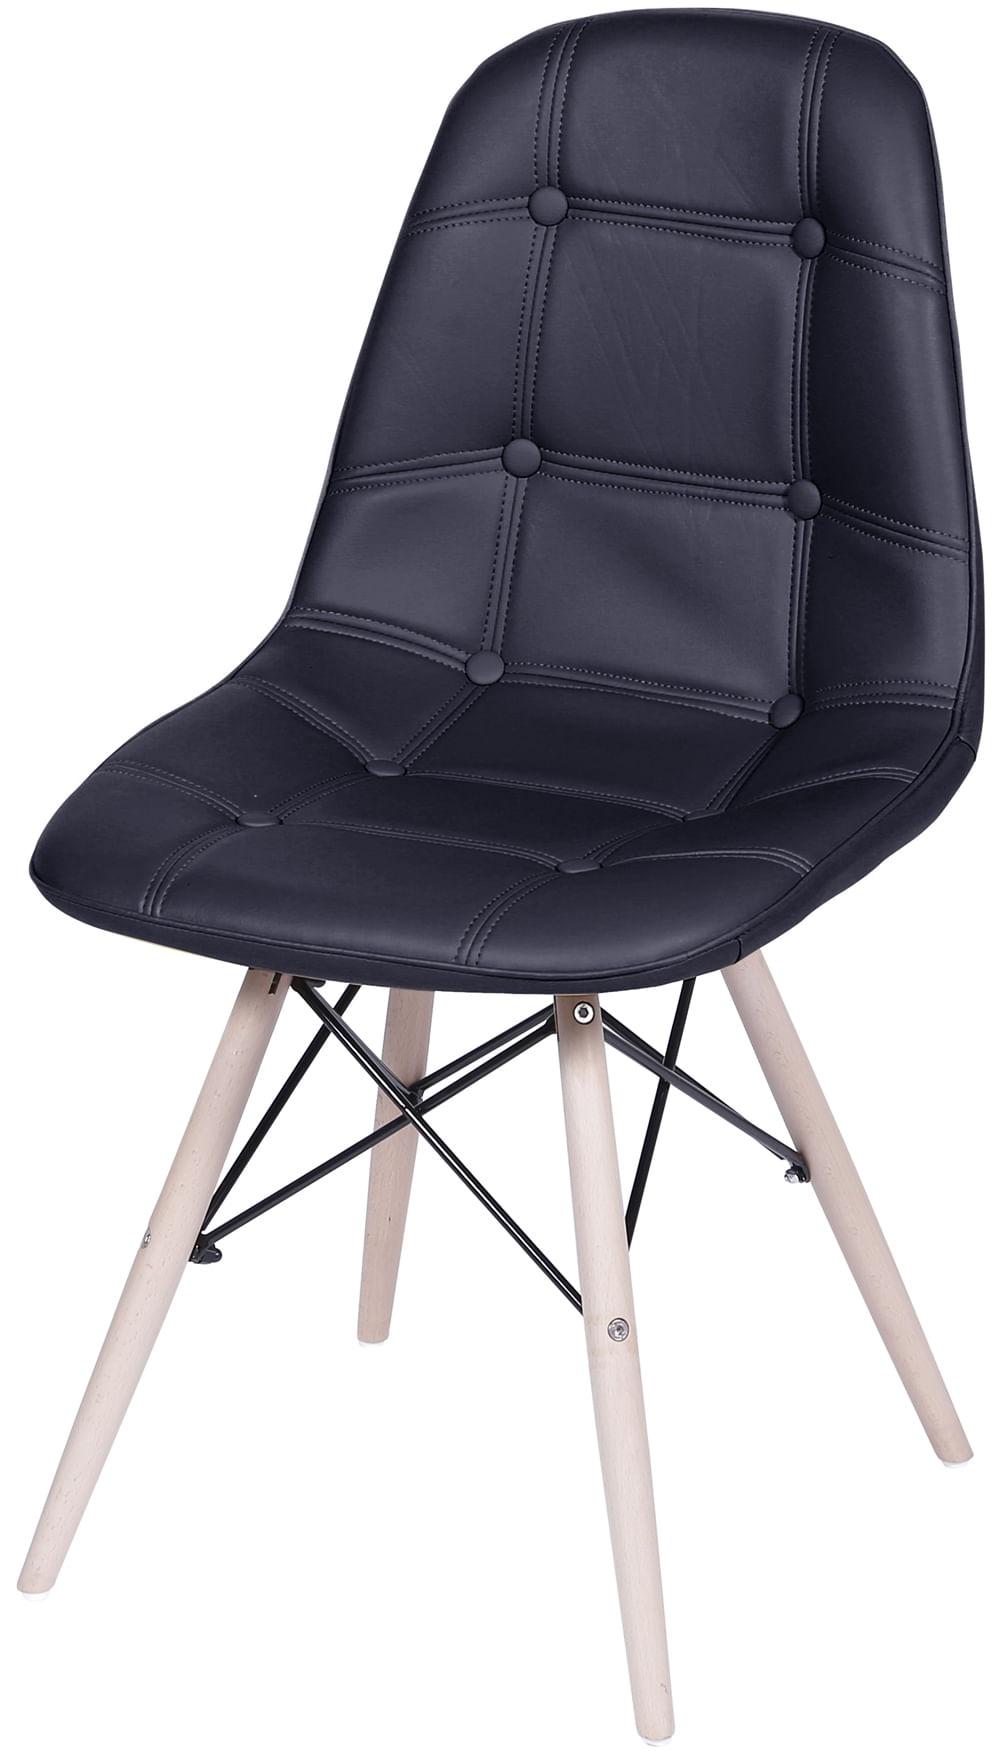 Cadeira Eames Botone Preta Base Madeira - 32074